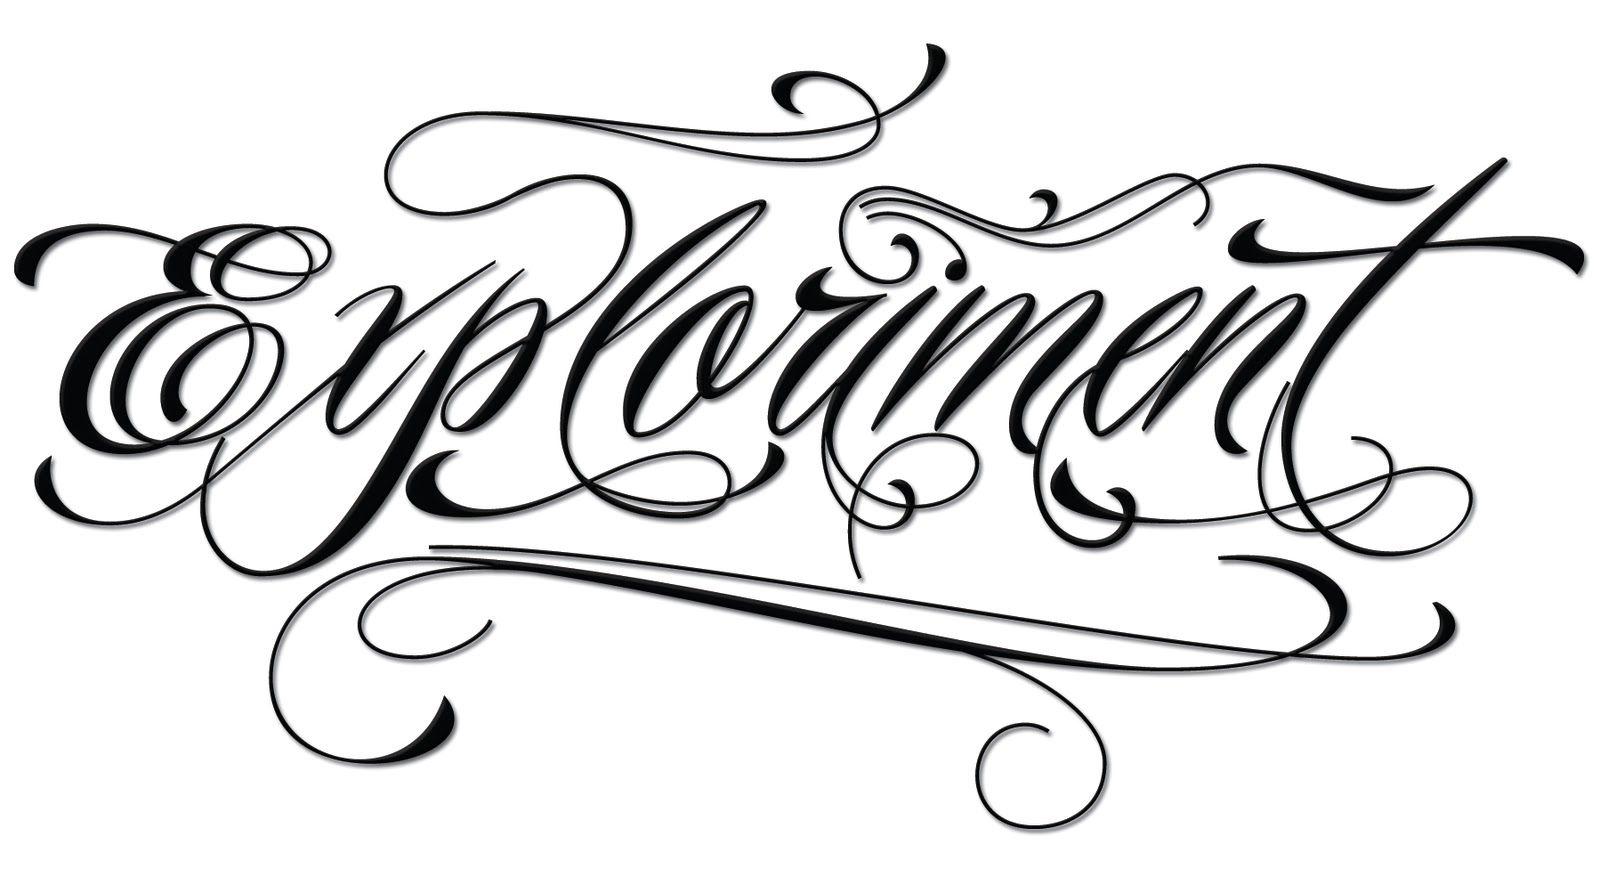 Piel Script Tattoo lettering, Tattoo fonts, Free tattoo